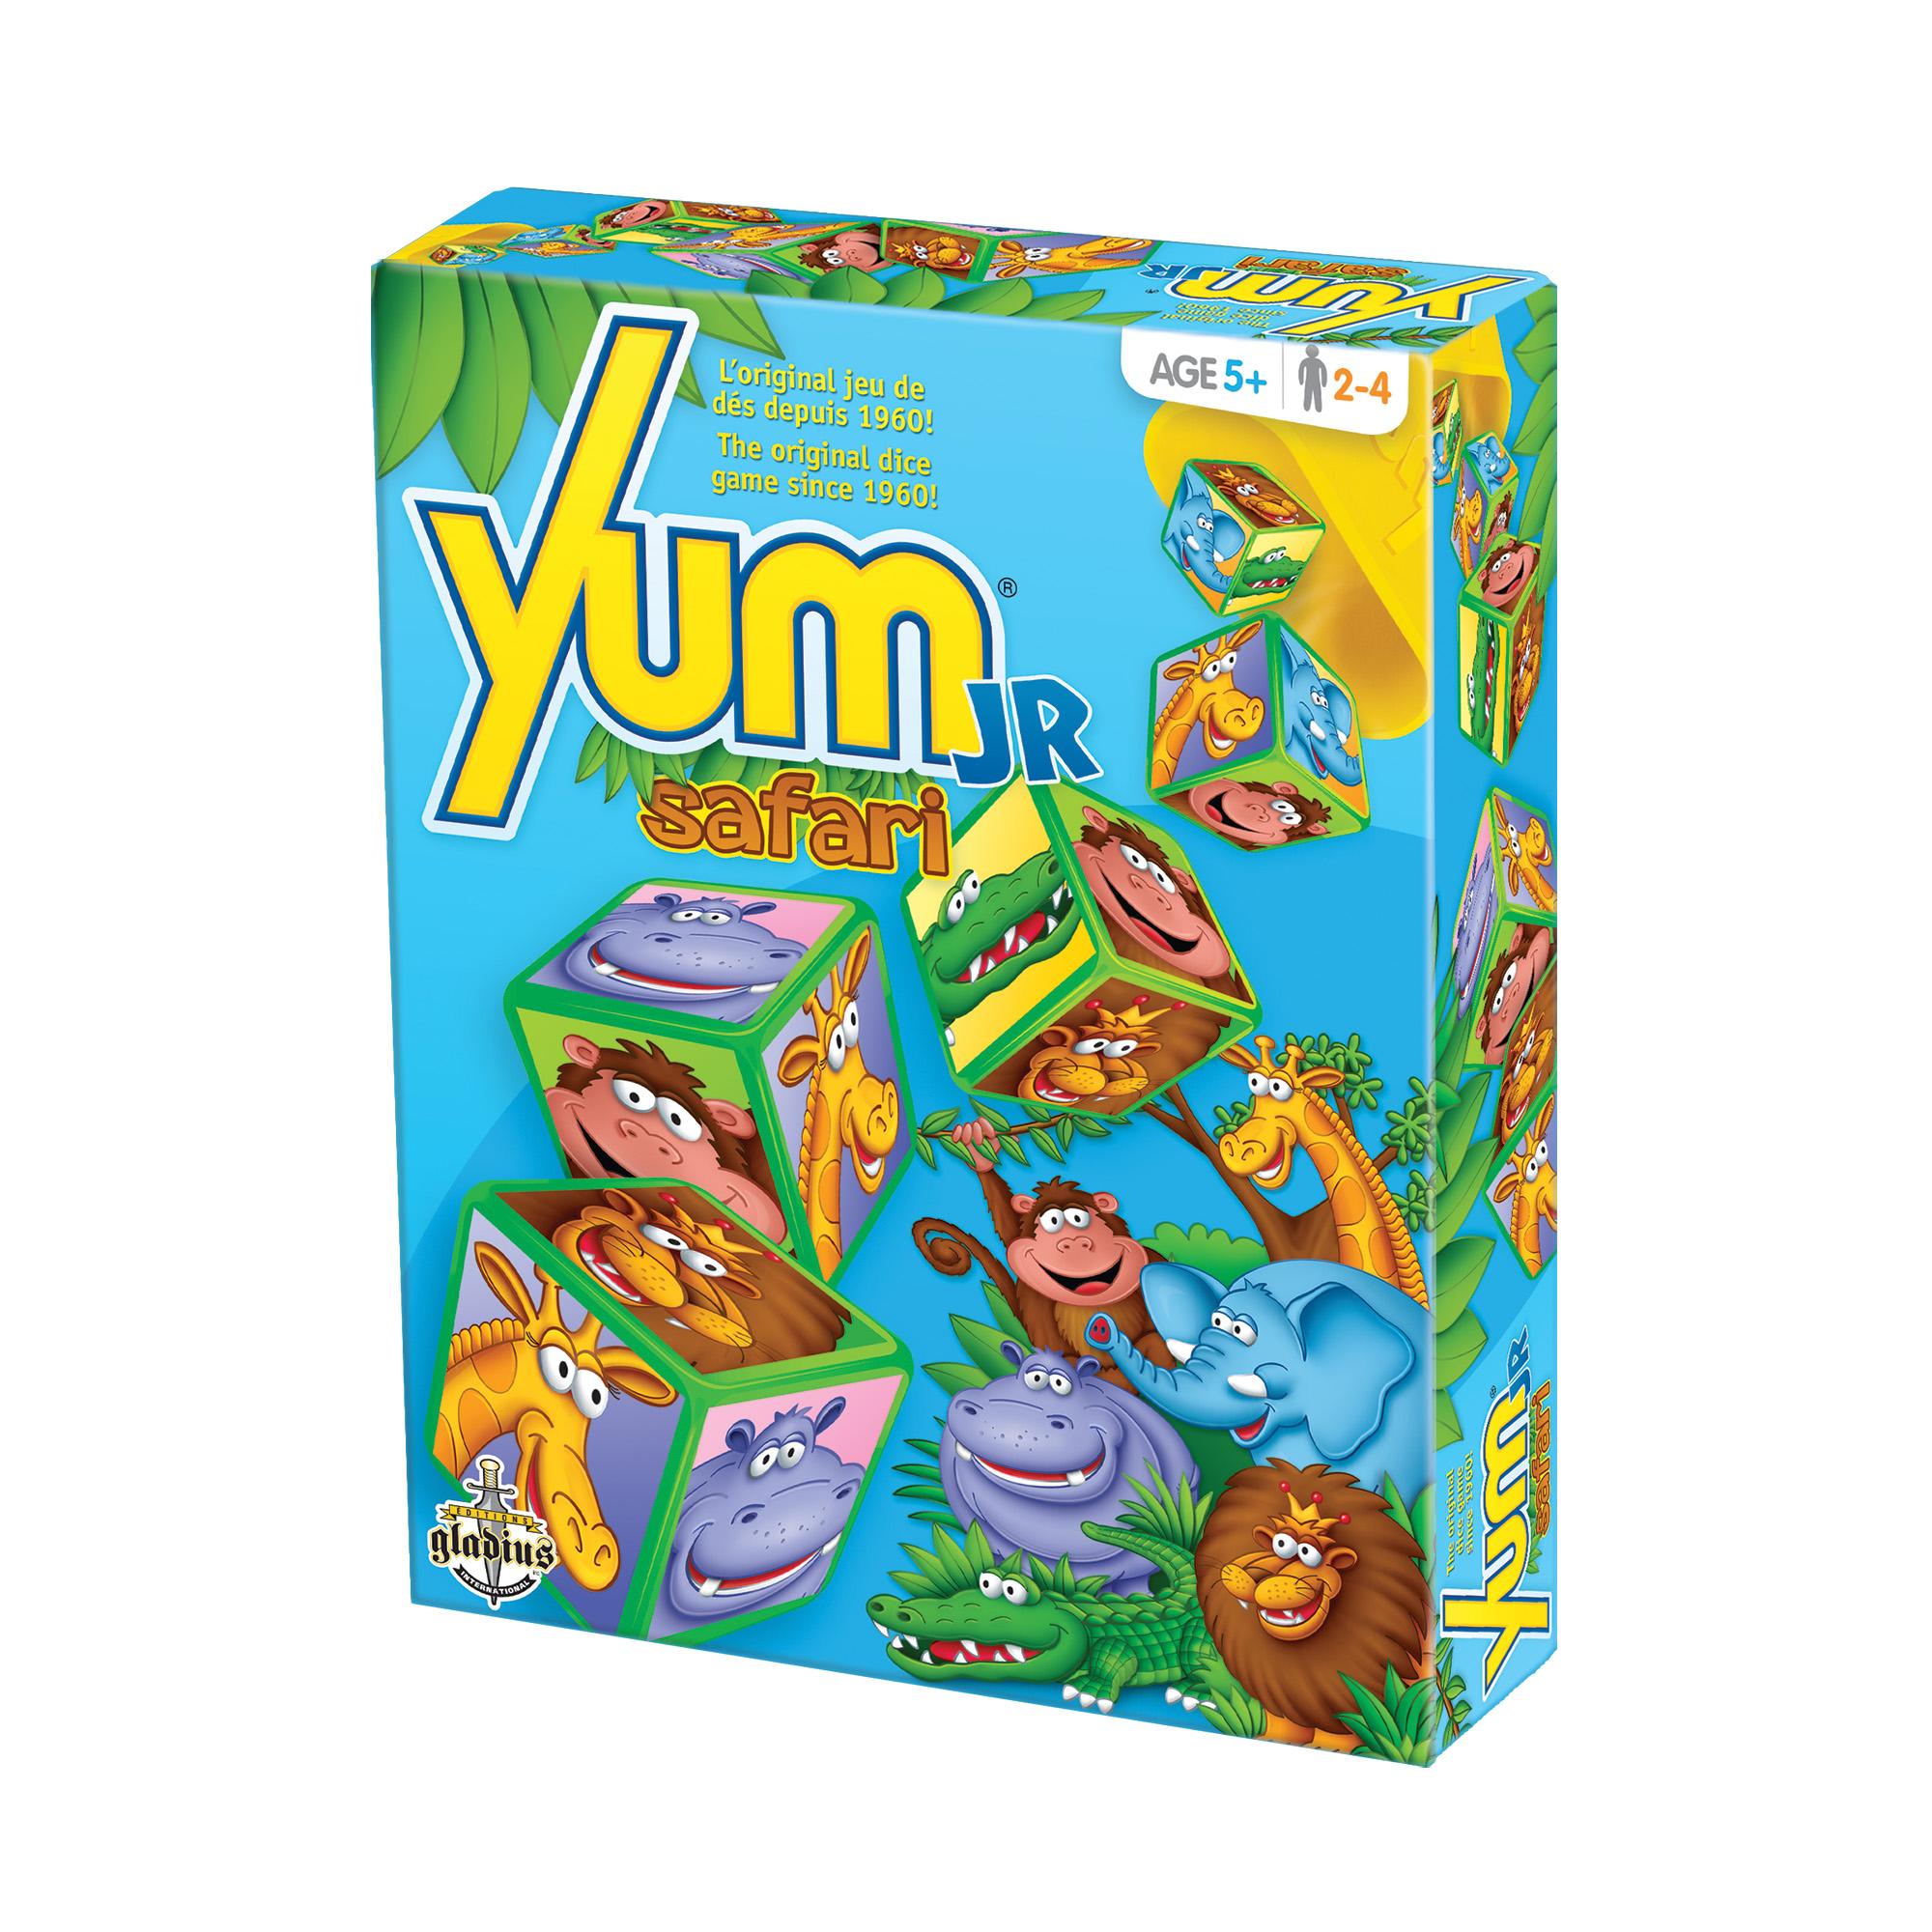 Yum Jr - Safari